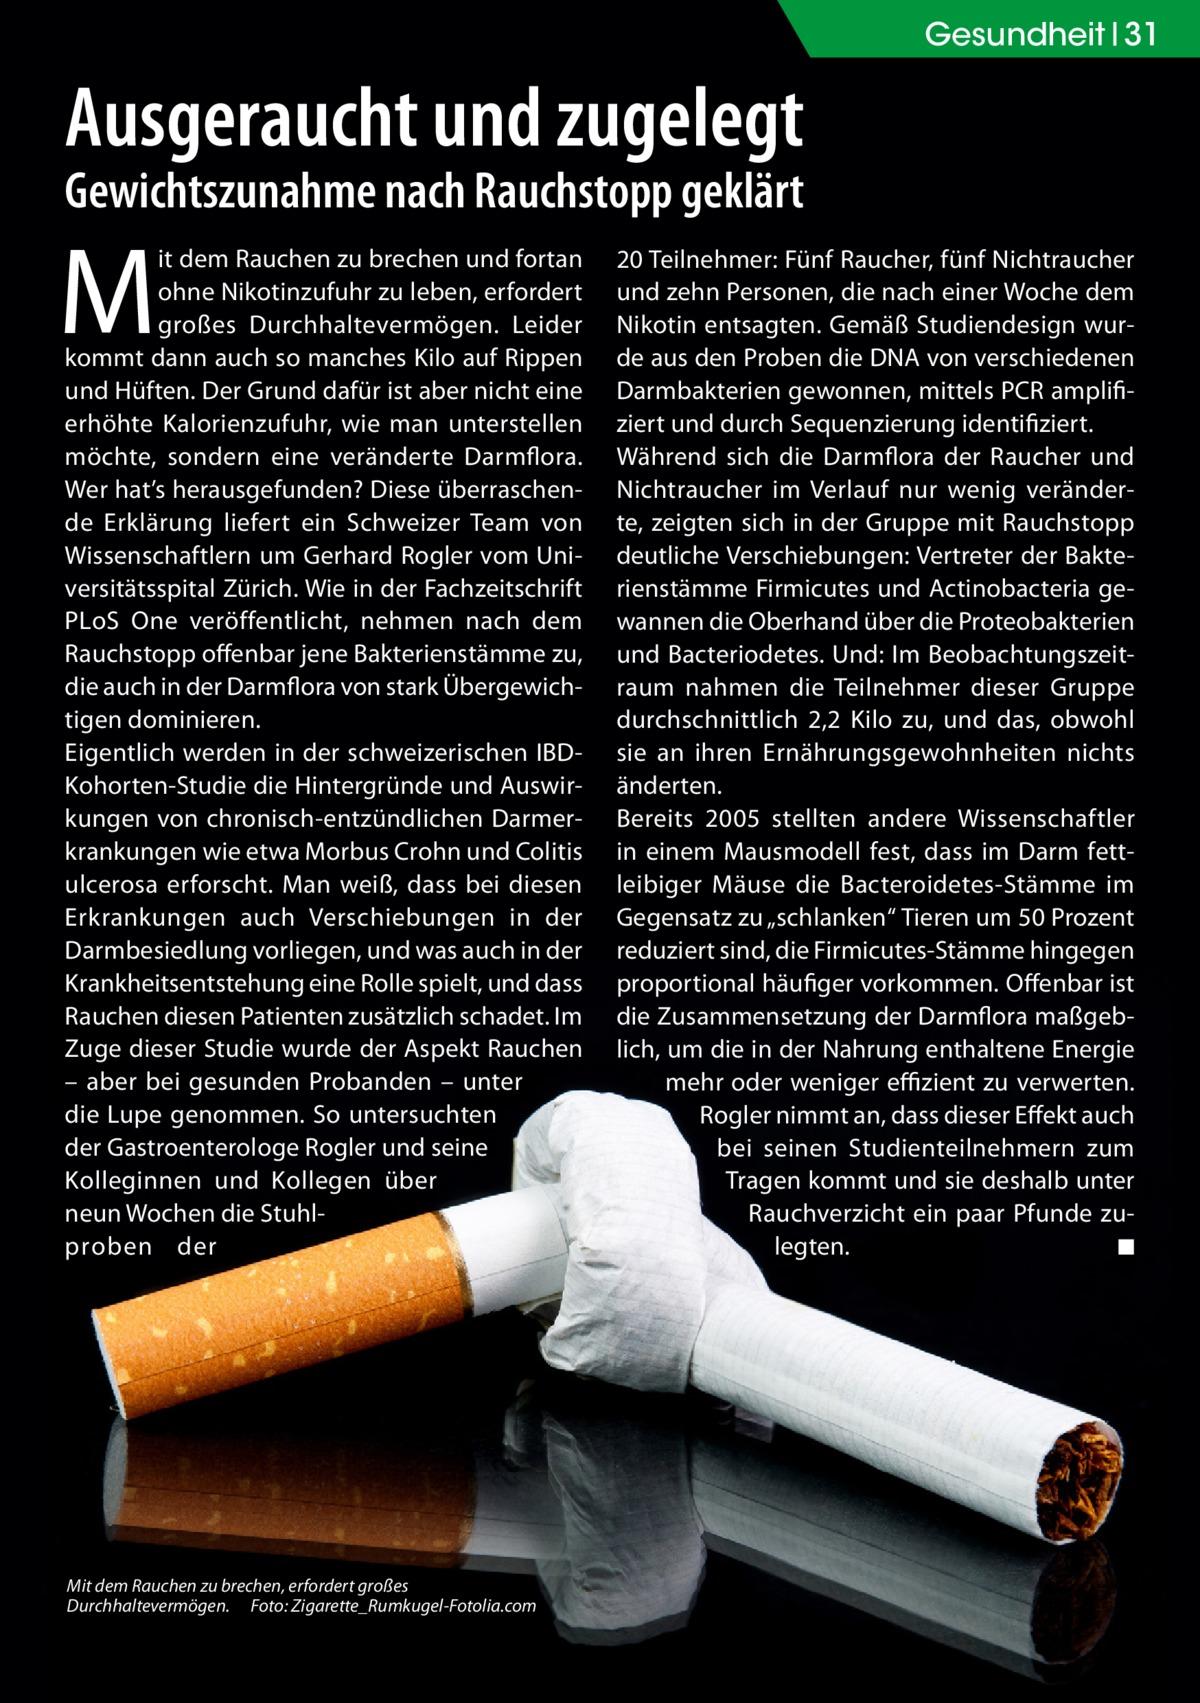 Gesundheit 31  Ausgeraucht und zugelegt Gewichtszunahme nach Rauchstopp geklärt  M  it dem Rauchen zu brechen und fortan ohne Nikotinzufuhr zu leben, erfordert großes Durchhaltevermögen. Leider kommt dann auch so manches Kilo auf Rippen und Hüften. Der Grund dafür ist aber nicht eine erhöhte Kalorienzufuhr, wie man unterstellen möchte, sondern eine veränderte Darmflora. Wer hat's herausgefunden? Diese überraschende Erklärung liefert ein Schweizer Team von Wissenschaftlern um Gerhard Rogler vom Universitätsspital Zürich. Wie in der Fachzeitschrift PLoS One veröffentlicht, nehmen nach dem Rauchstopp offenbar jene Bakterienstämme zu, die auch in der Darmflora von stark Übergewichtigen dominieren. Eigentlich werden in der schweizerischen IBDKohorten-Studie die Hintergründe und Auswirkungen von chronisch-entzündlichen Darmerkrankungen wie etwa Morbus Crohn und Colitis ulcerosa erforscht. Man weiß, dass bei diesen Erkrankungen auch Verschiebungen in der Darmbesiedlung vorliegen, und was auch in der Krankheitsentstehung eine Rolle spielt, und dass Rauchen diesen Patienten zusätzlich schadet. Im Zuge dieser Studie wurde der Aspekt Rauchen – aber bei gesunden Probanden – unter die Lupe genommen. So untersuchten der Gastroenterologe Rogler und seine Kolleginnen und Kollegen über neun Wochen die Stuhlproben der  Mit dem Rauchen zu brechen, erfordert großes Durchhaltevermögen.� Foto: Zigarette_Rumkugel-Fotolia.com  20Teilnehmer: Fünf Raucher, fünf Nichtraucher und zehn Personen, die nach einer Woche dem Nikotin entsagten. Gemäß Studiendesign wurde aus den Proben die DNA von verschiedenen Darmbakterien gewonnen, mittels PCR amplifiziert und durch Sequenzierung identifiziert. Während sich die Darmflora der Raucher und Nichtraucher im Verlauf nur wenig veränderte, zeigten sich in der Gruppe mit Rauchstopp deutliche Verschiebungen: Vertreter der Bakterienstämme Firmicutes und Actinobacteria gewannen die Oberhand über die Proteobakterien und Bacteriodetes. Und: Im Beobachtungszeitra